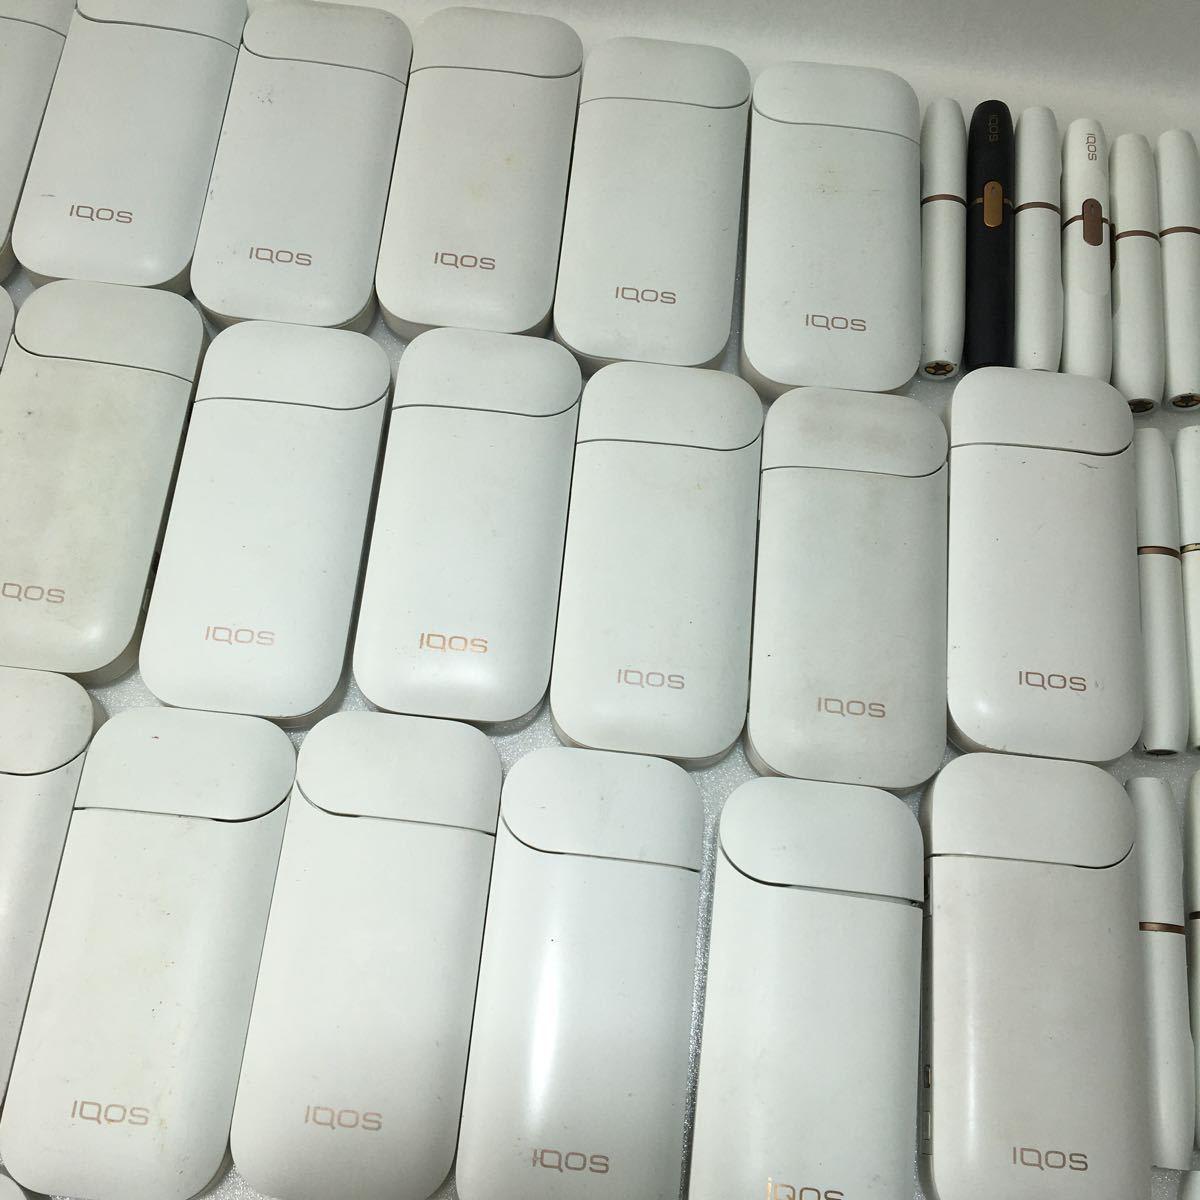 IQOS ジャンク品 まとめ売り アイコス 大量 49点 2.4 plus 電子タバコ 動作未確認_画像5